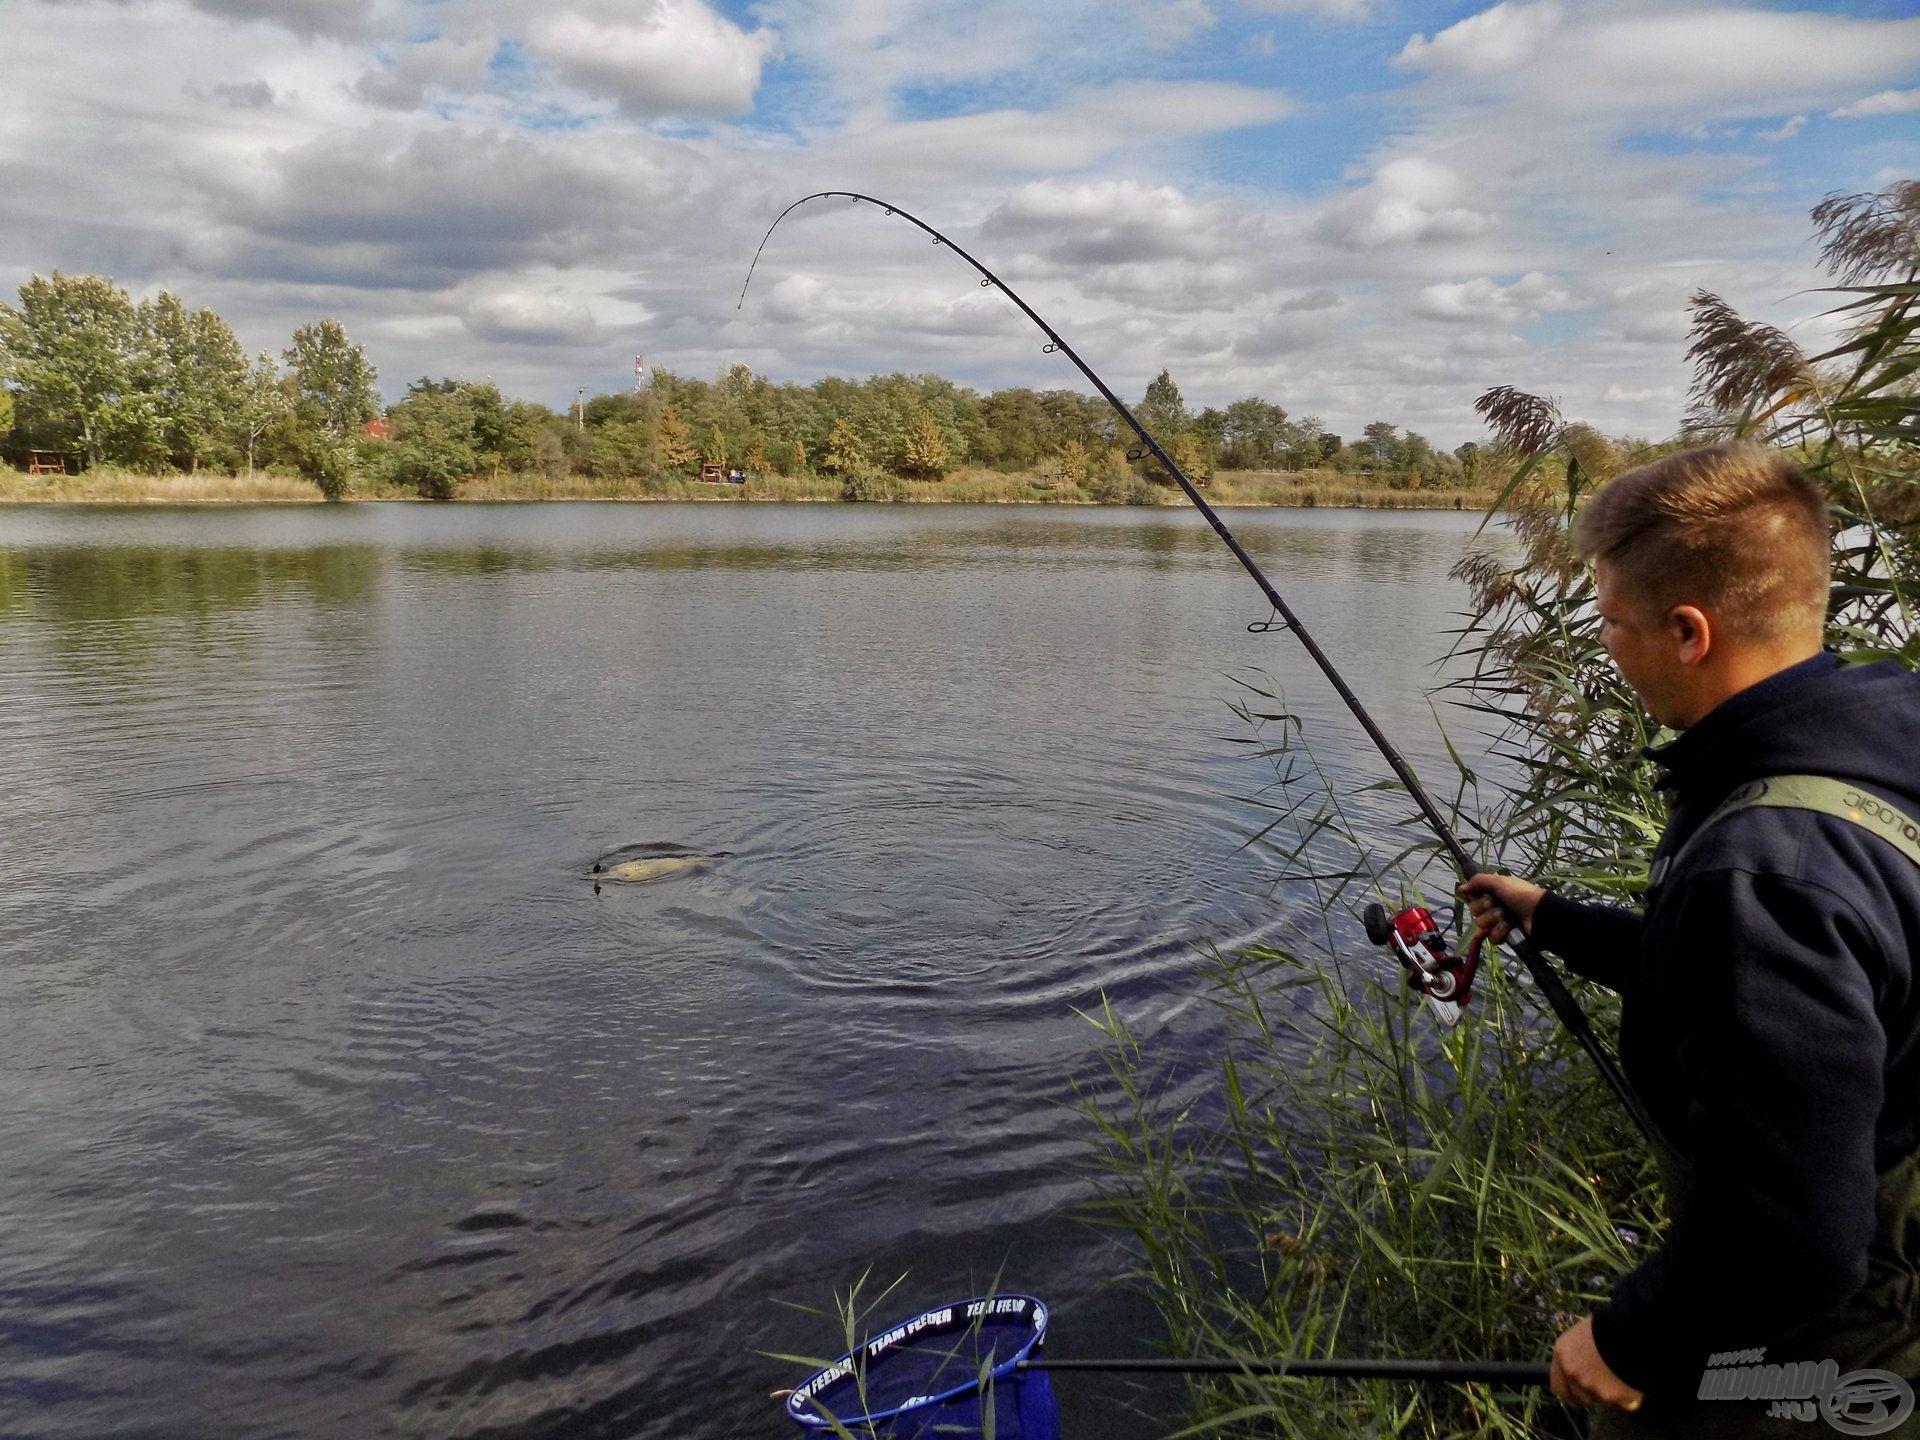 Bugyinszki Gábor Orosházán, az Új Homokbánya tavon horgászott…